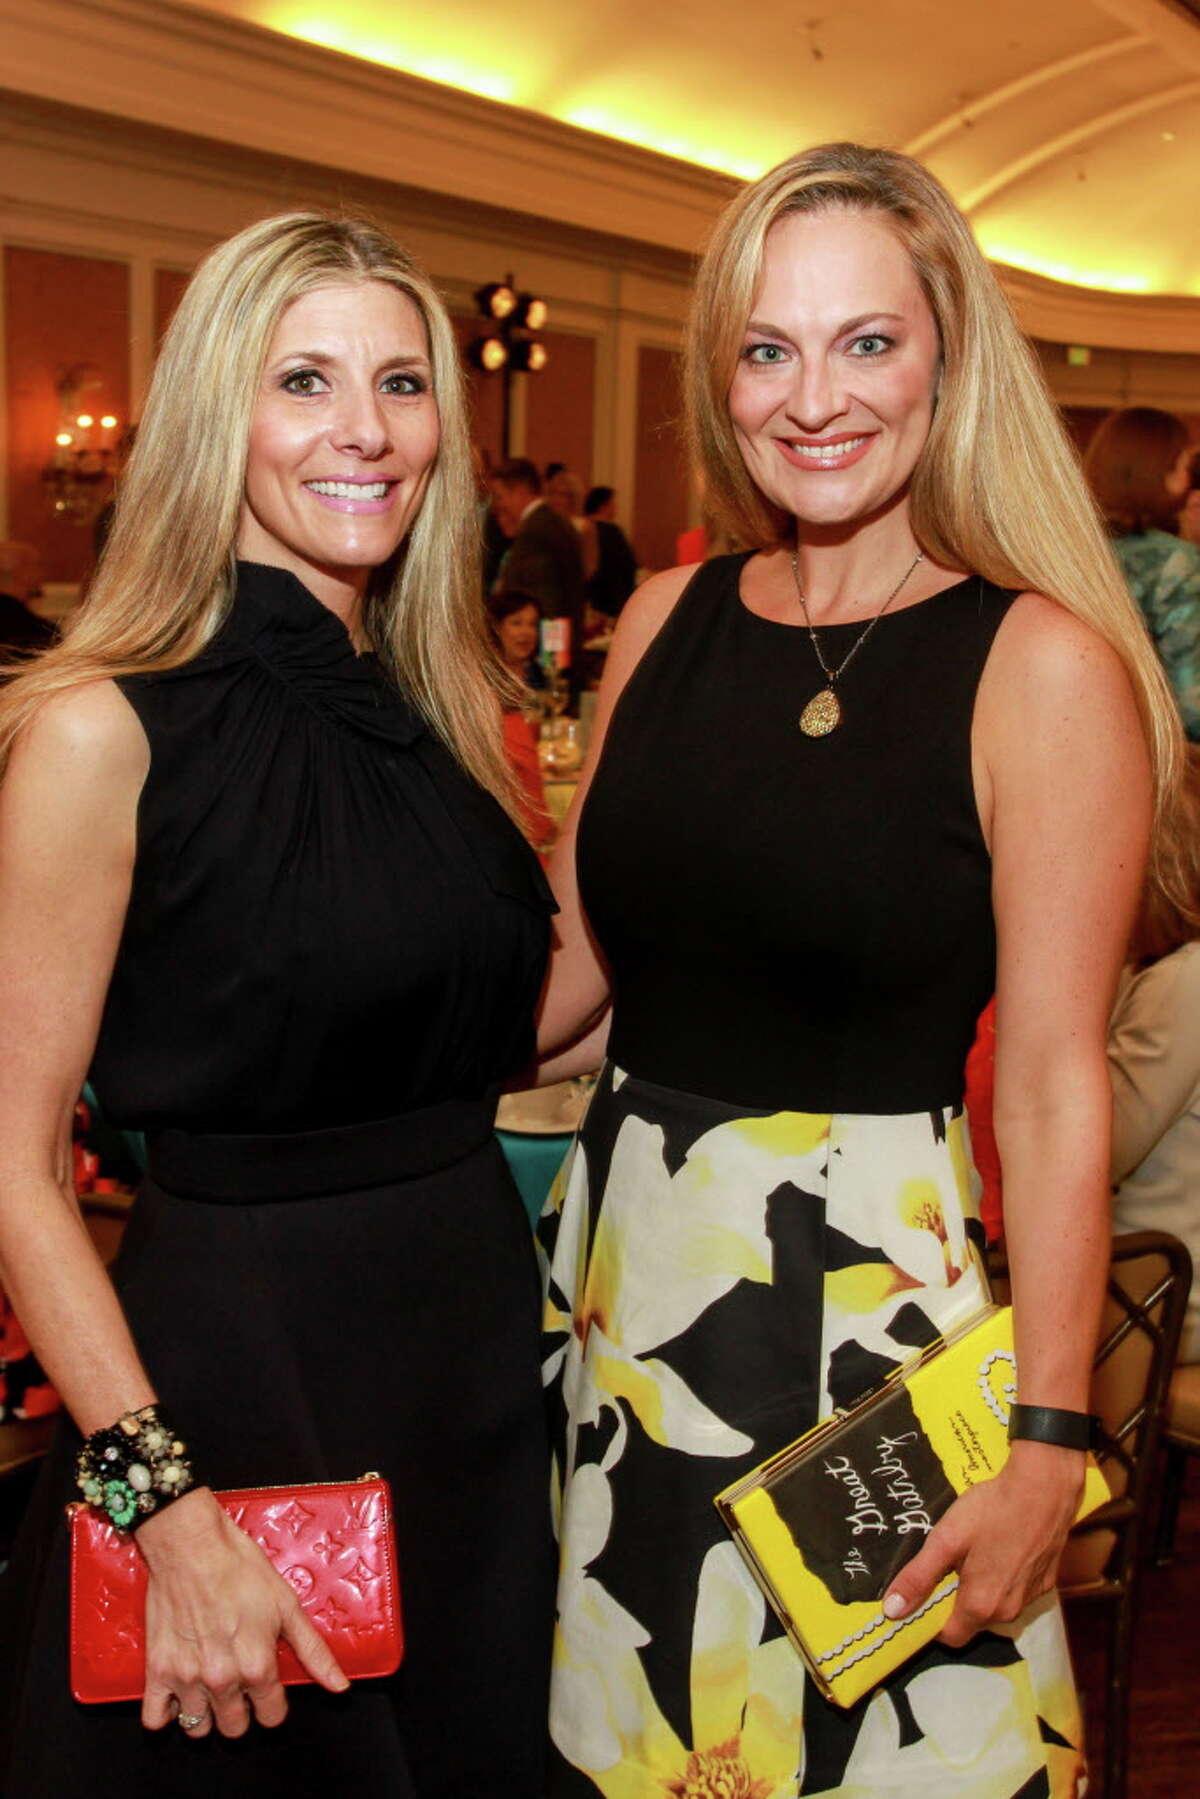 Gina Bhatia and Rachel Regan